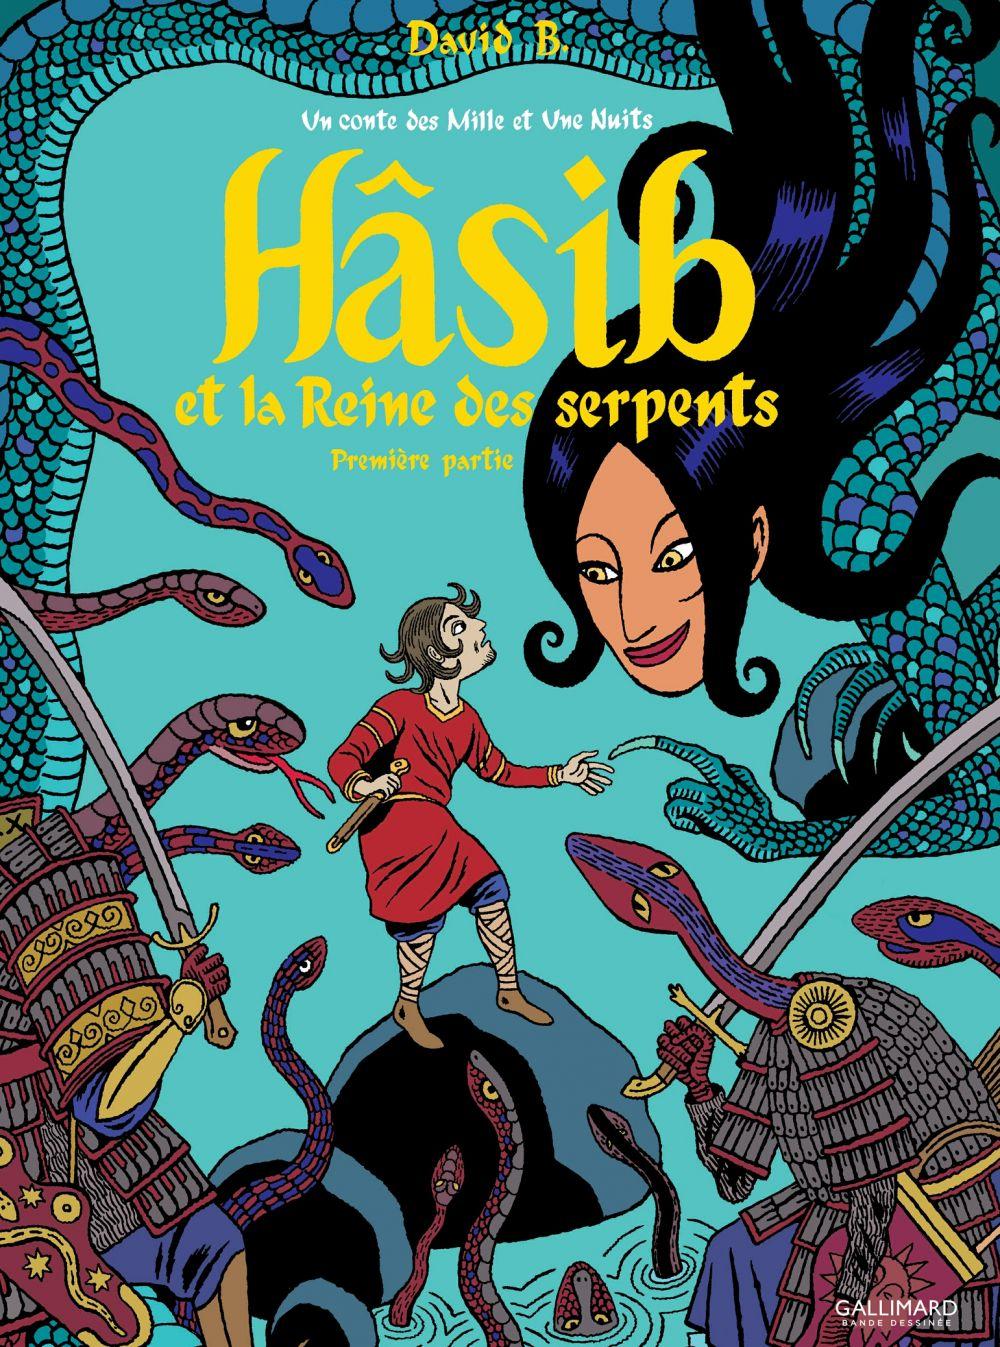 Hâsib et la Reine des serpents (Première partie). D'après un conte des Mille et une nuits |